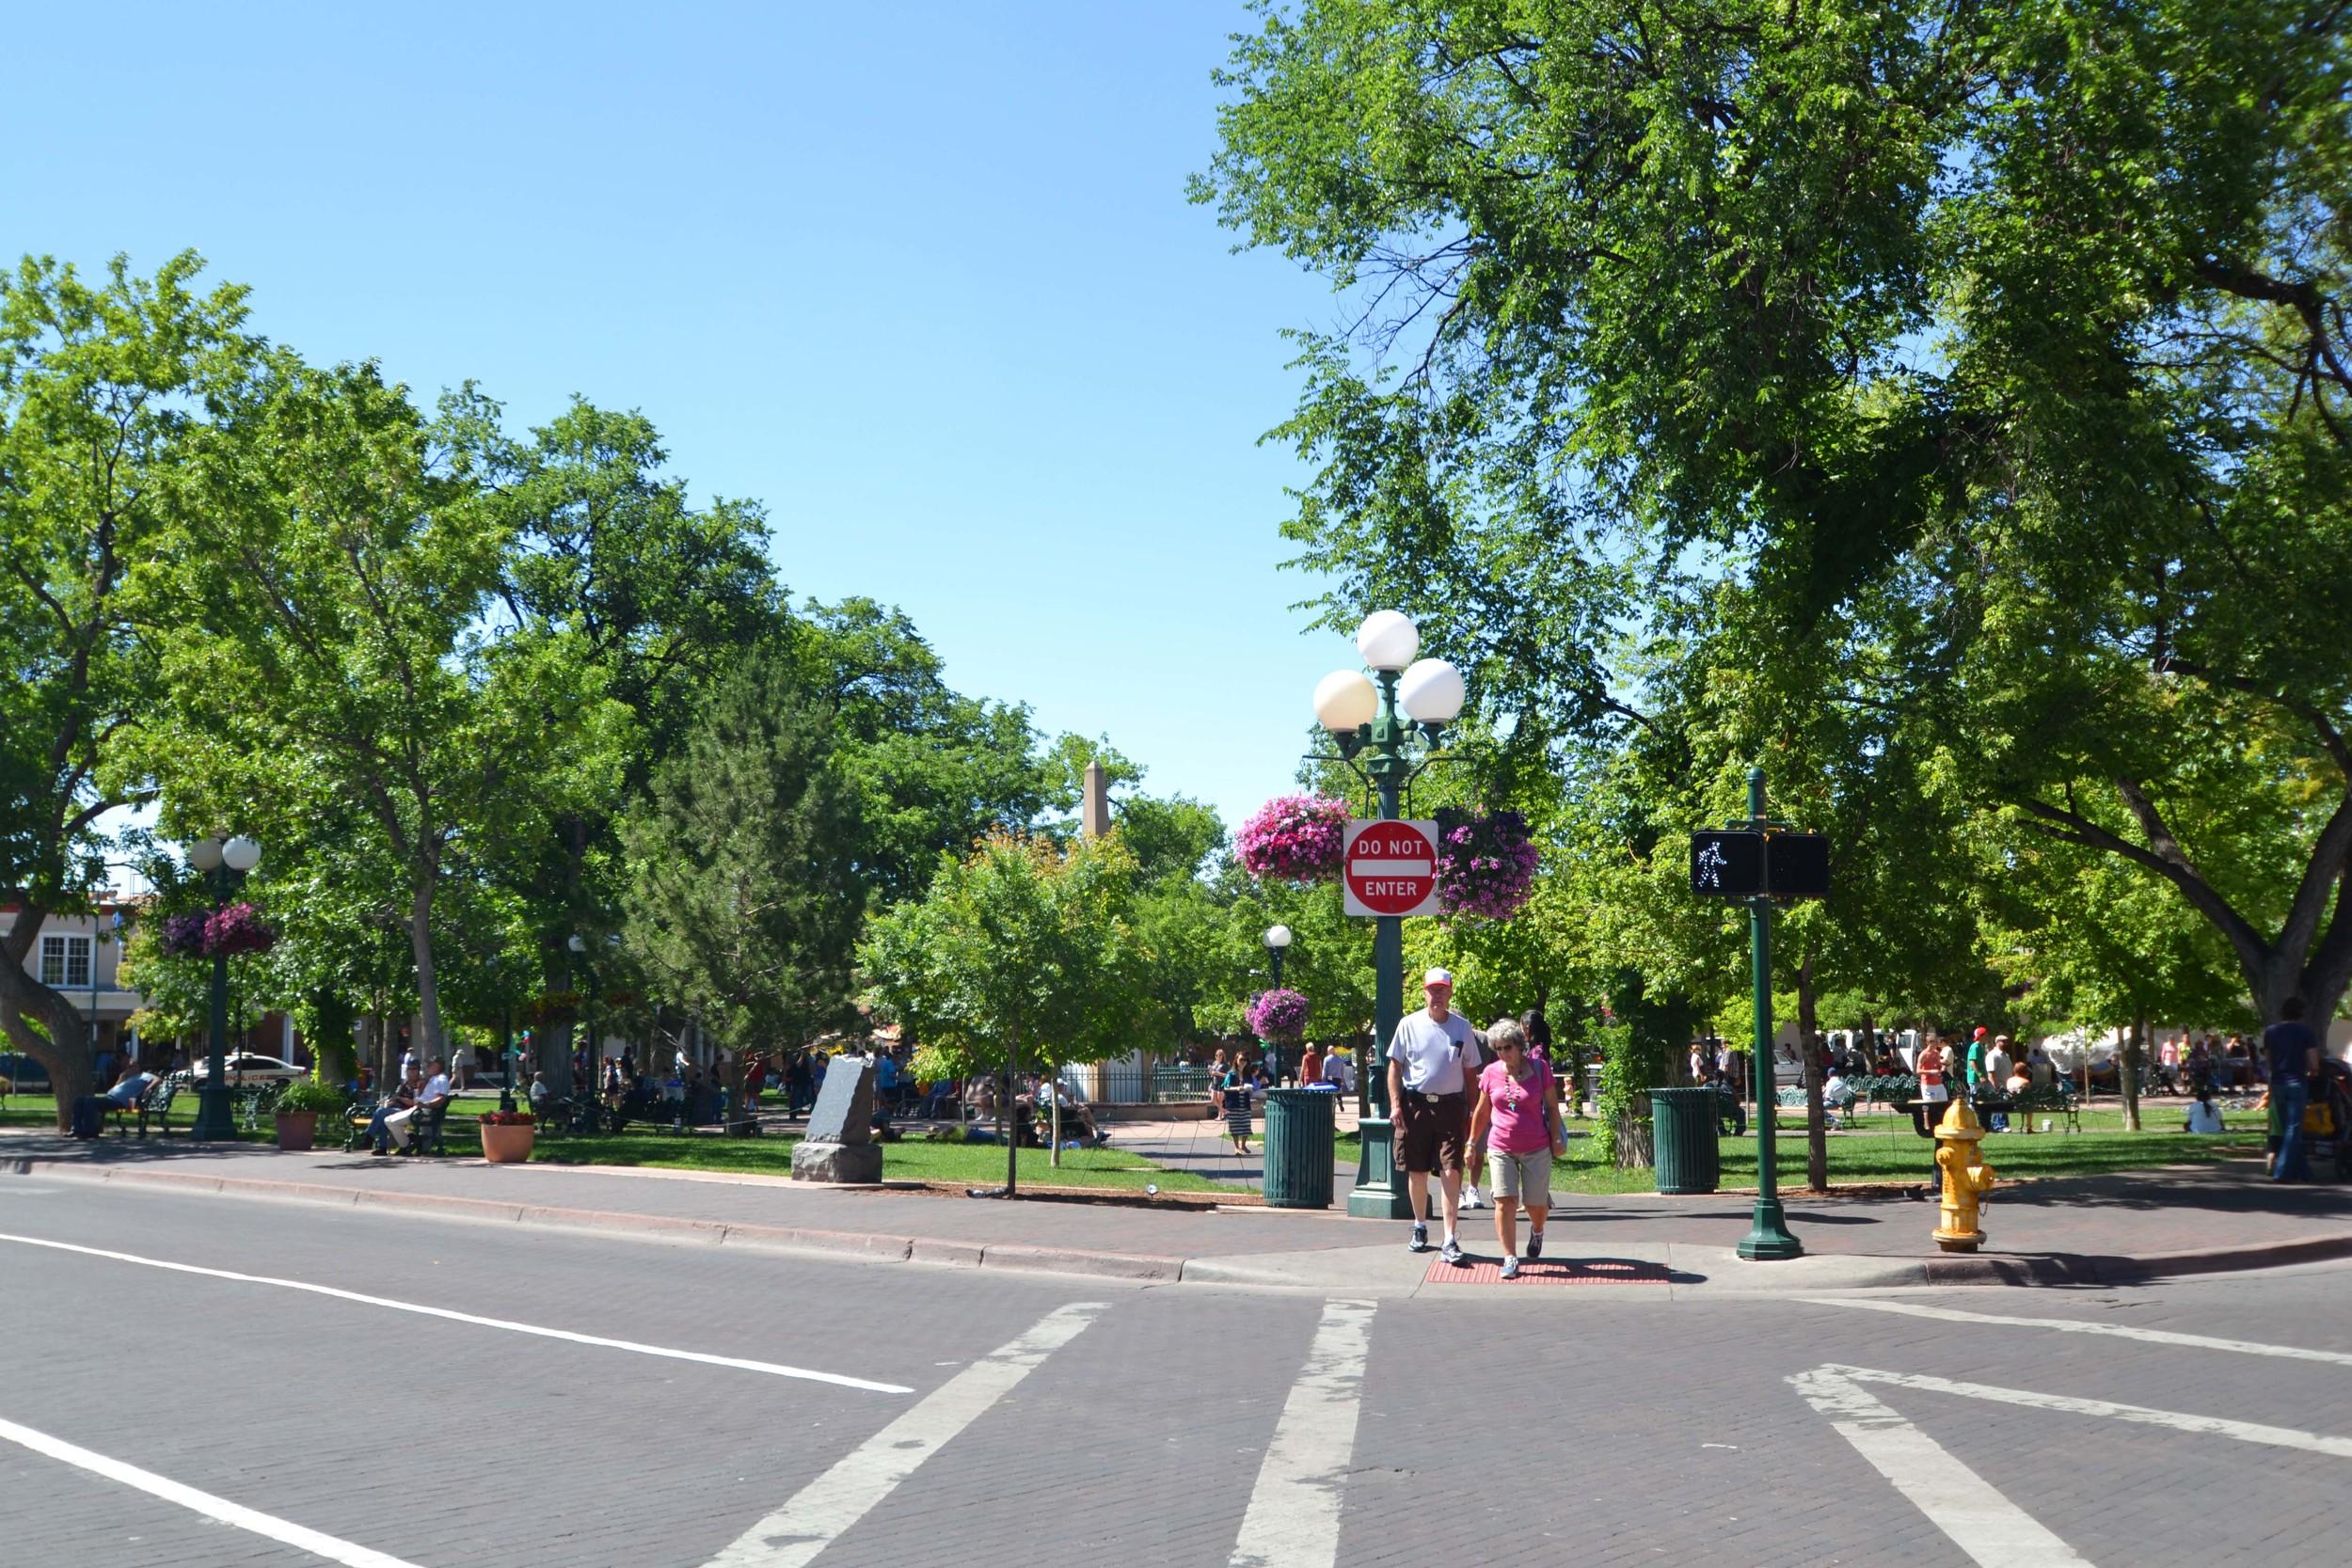 Historic Santa Fe Plaza, Santa Fe NM